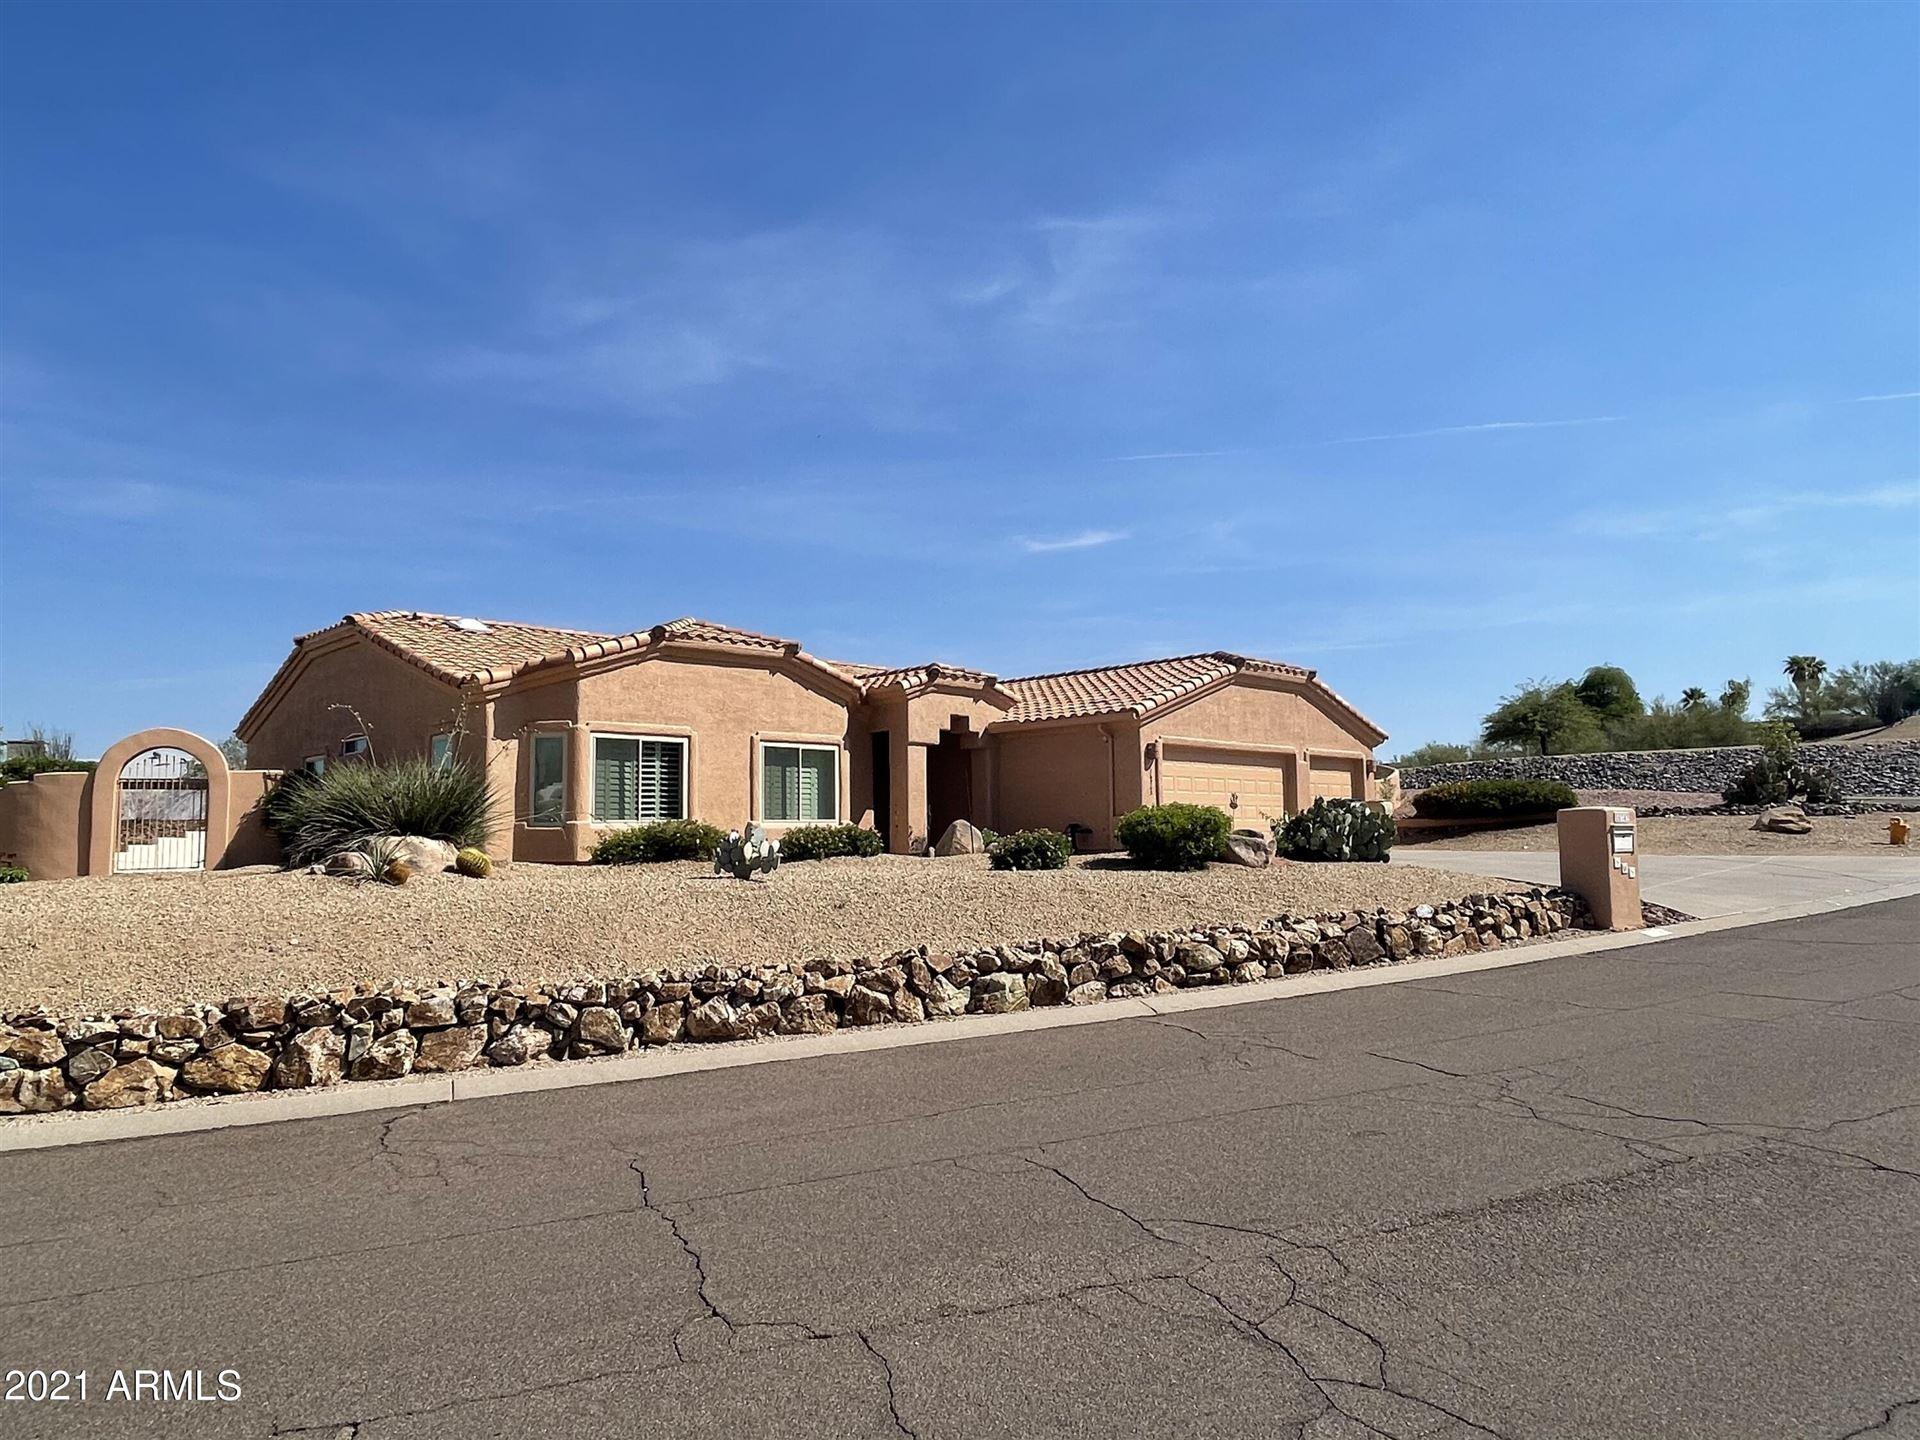 Photo of 16743 E PARLIN Drive, Fountain Hills, AZ 85268 (MLS # 6261253)